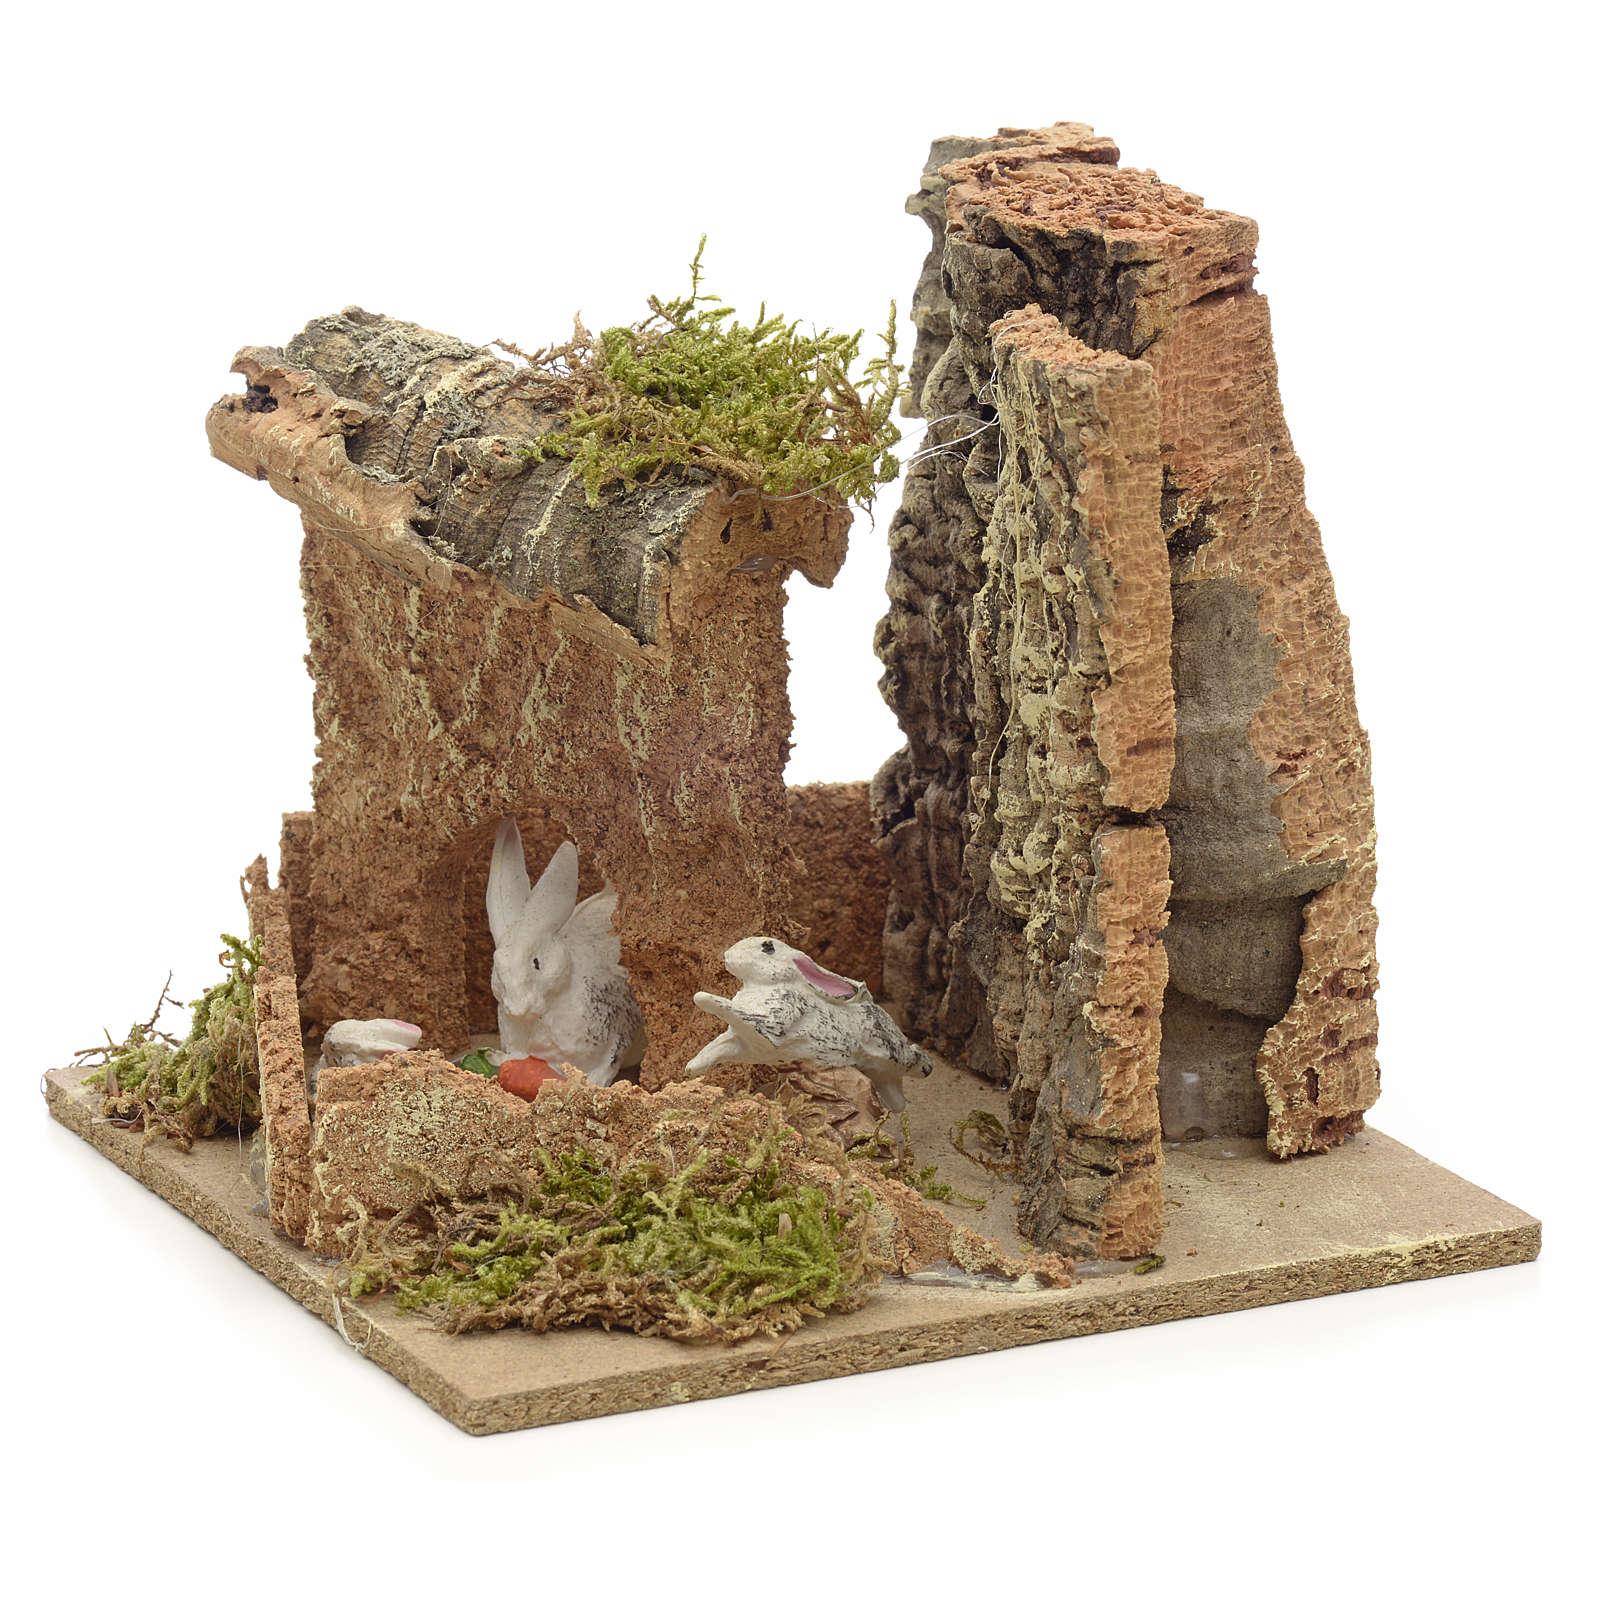 Ambiente presepe conigli e sughero 14x15x14 cm 4